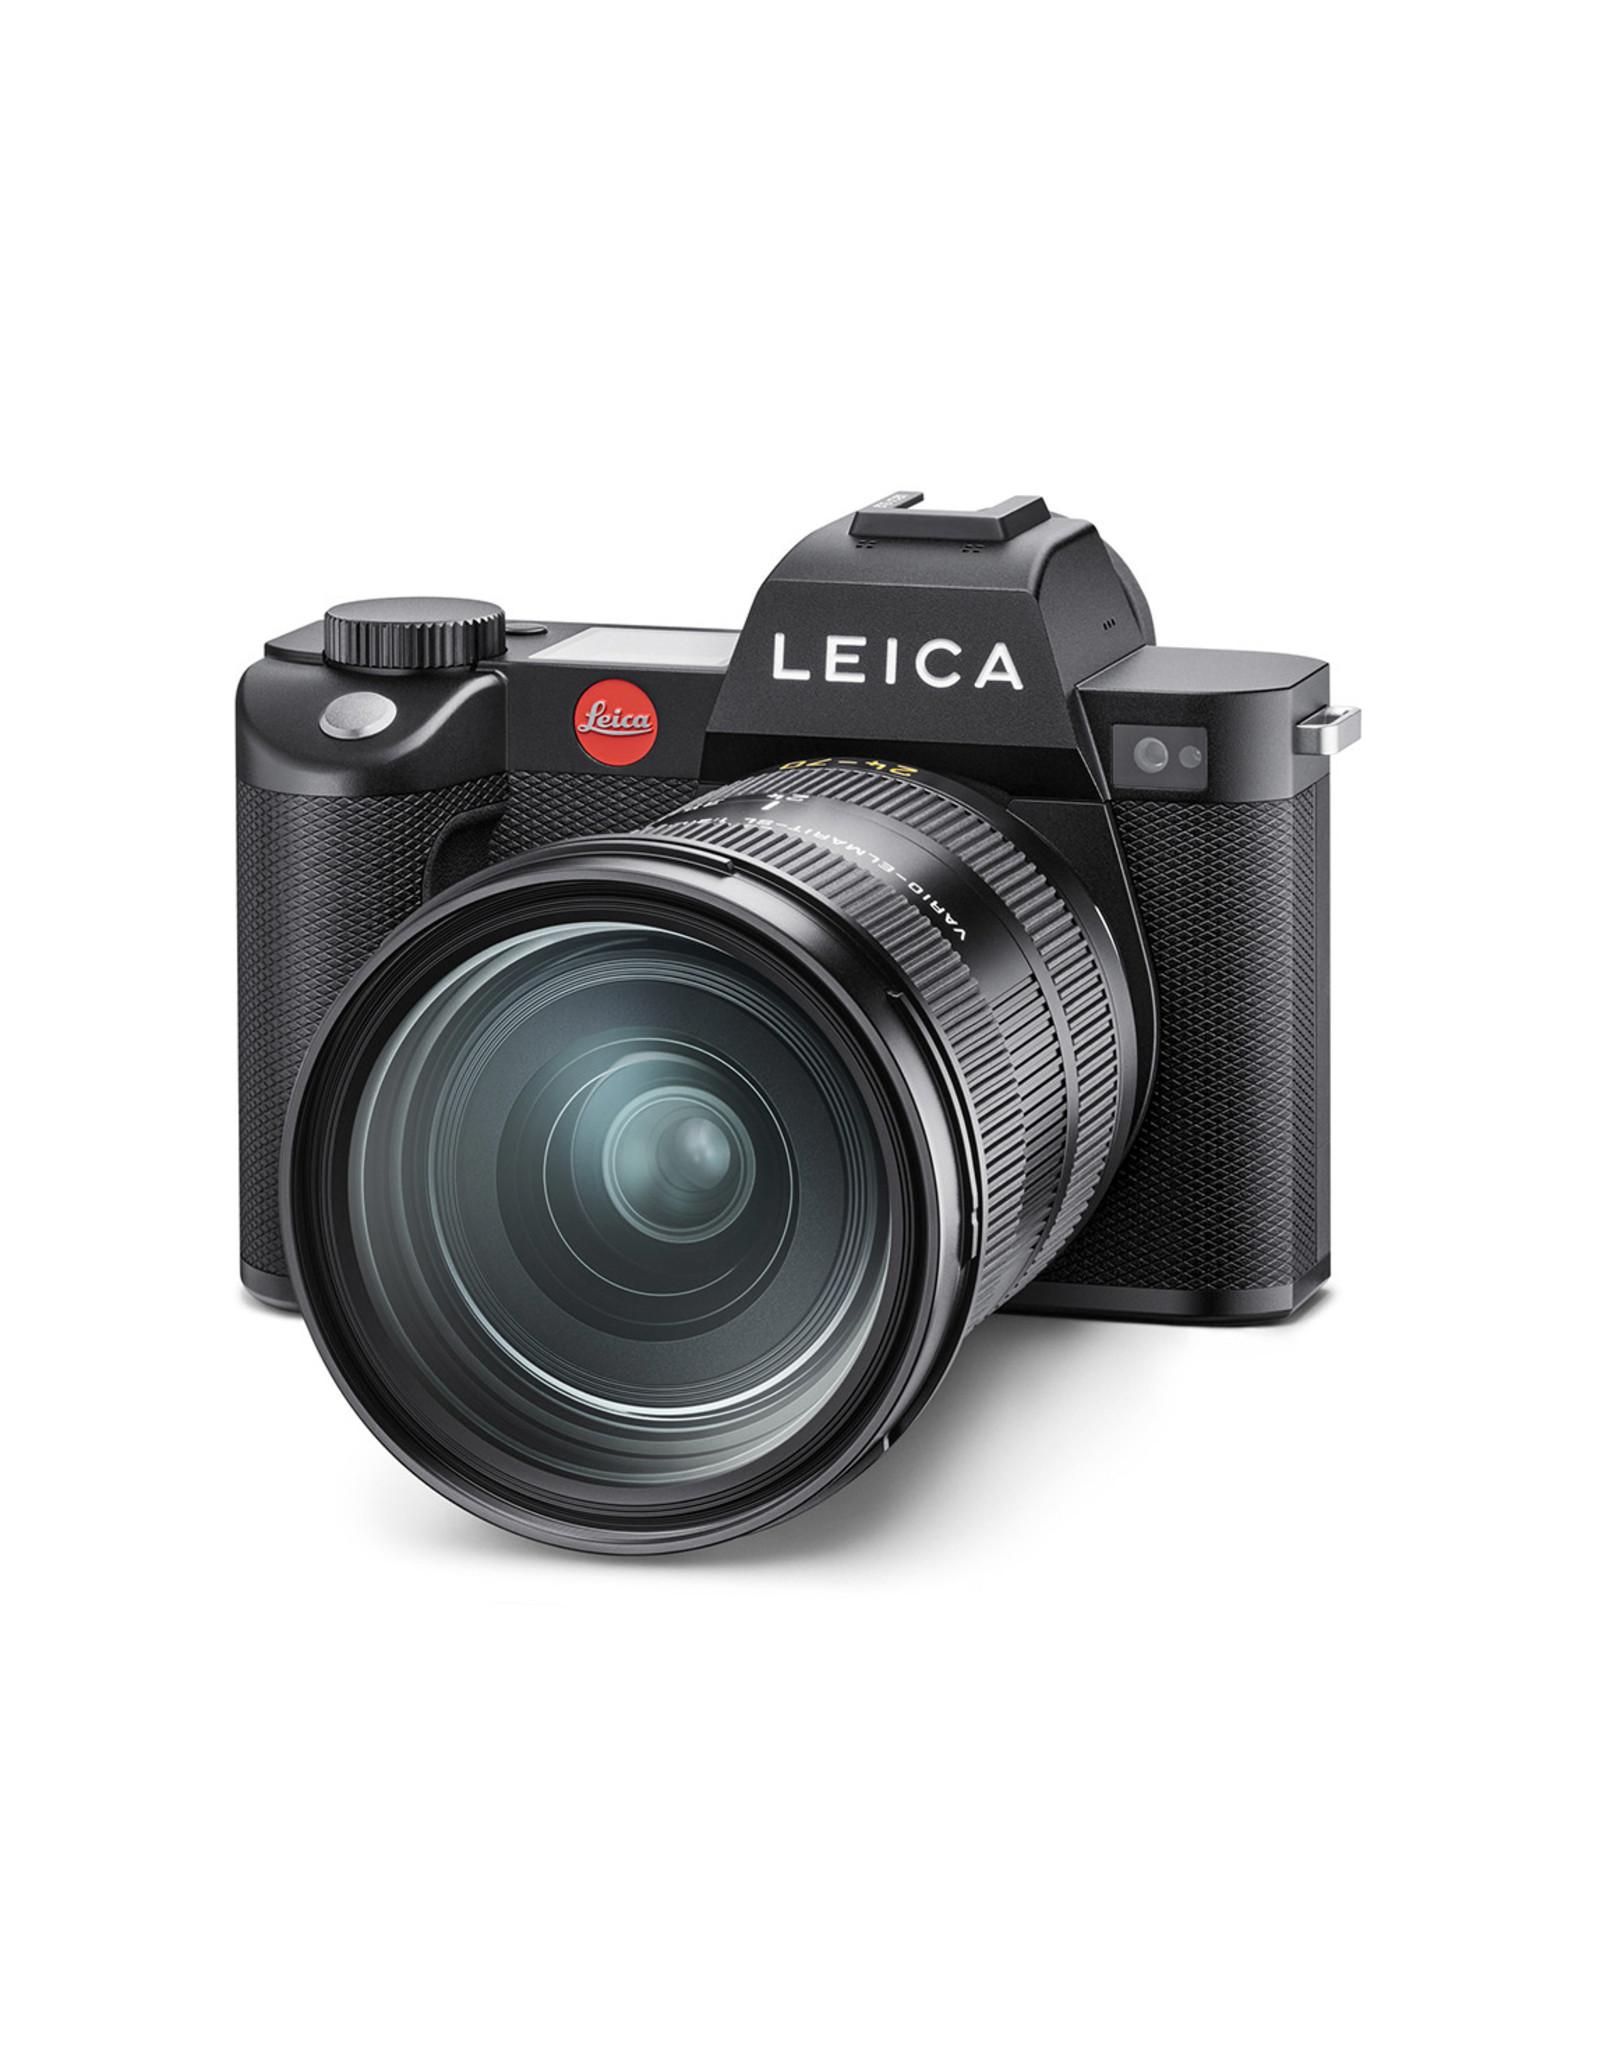 Leica Leica SL2 + 24-70mm f2.8 Vario-Elmarit-SL Kit   108-88